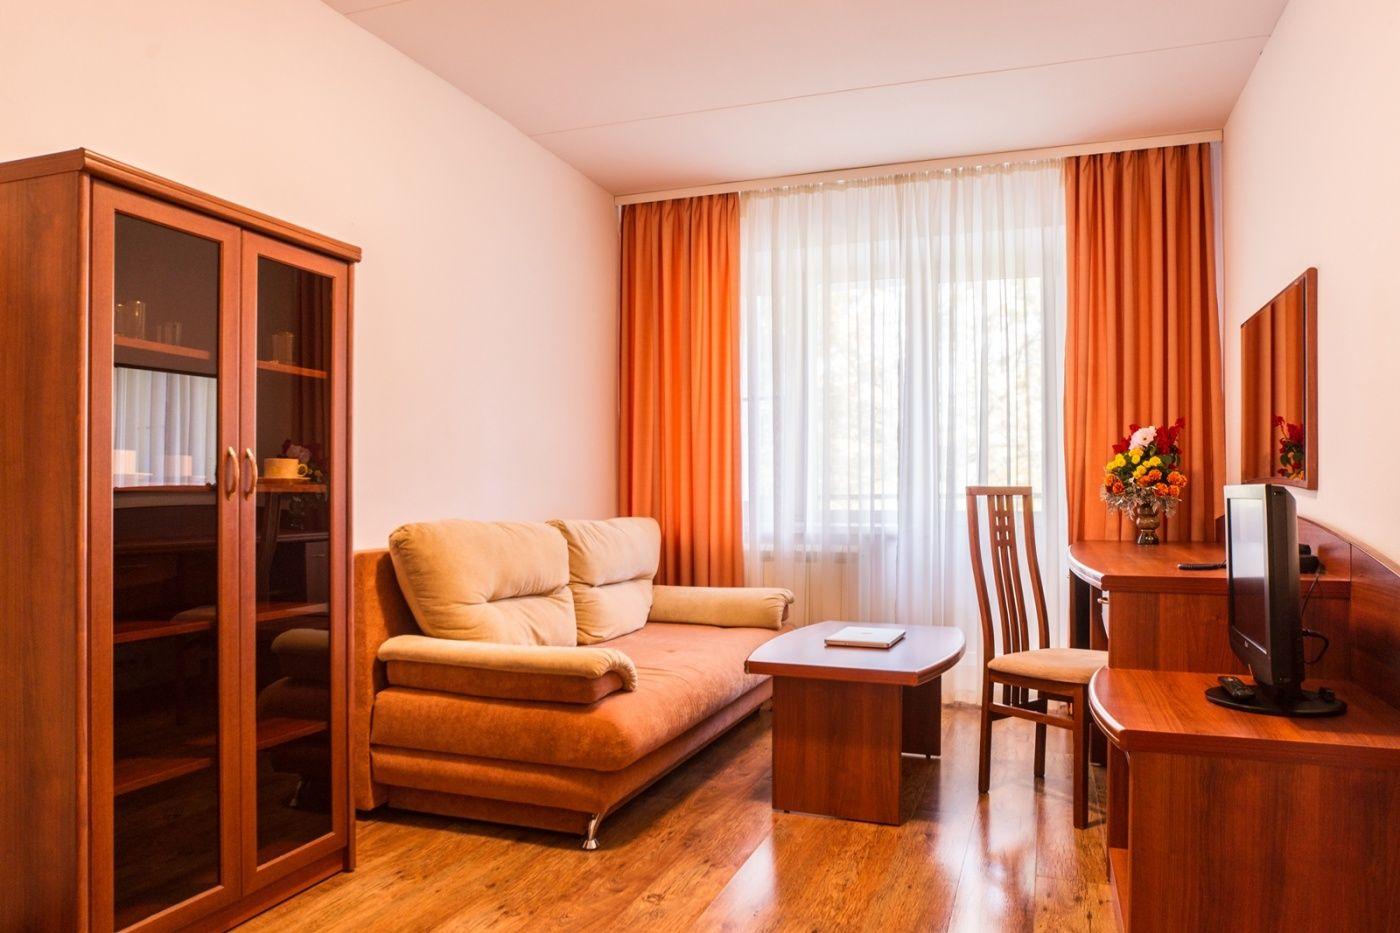 Парк-отель «Огниково» Московская область Двухкомнатный люкс, фото 5